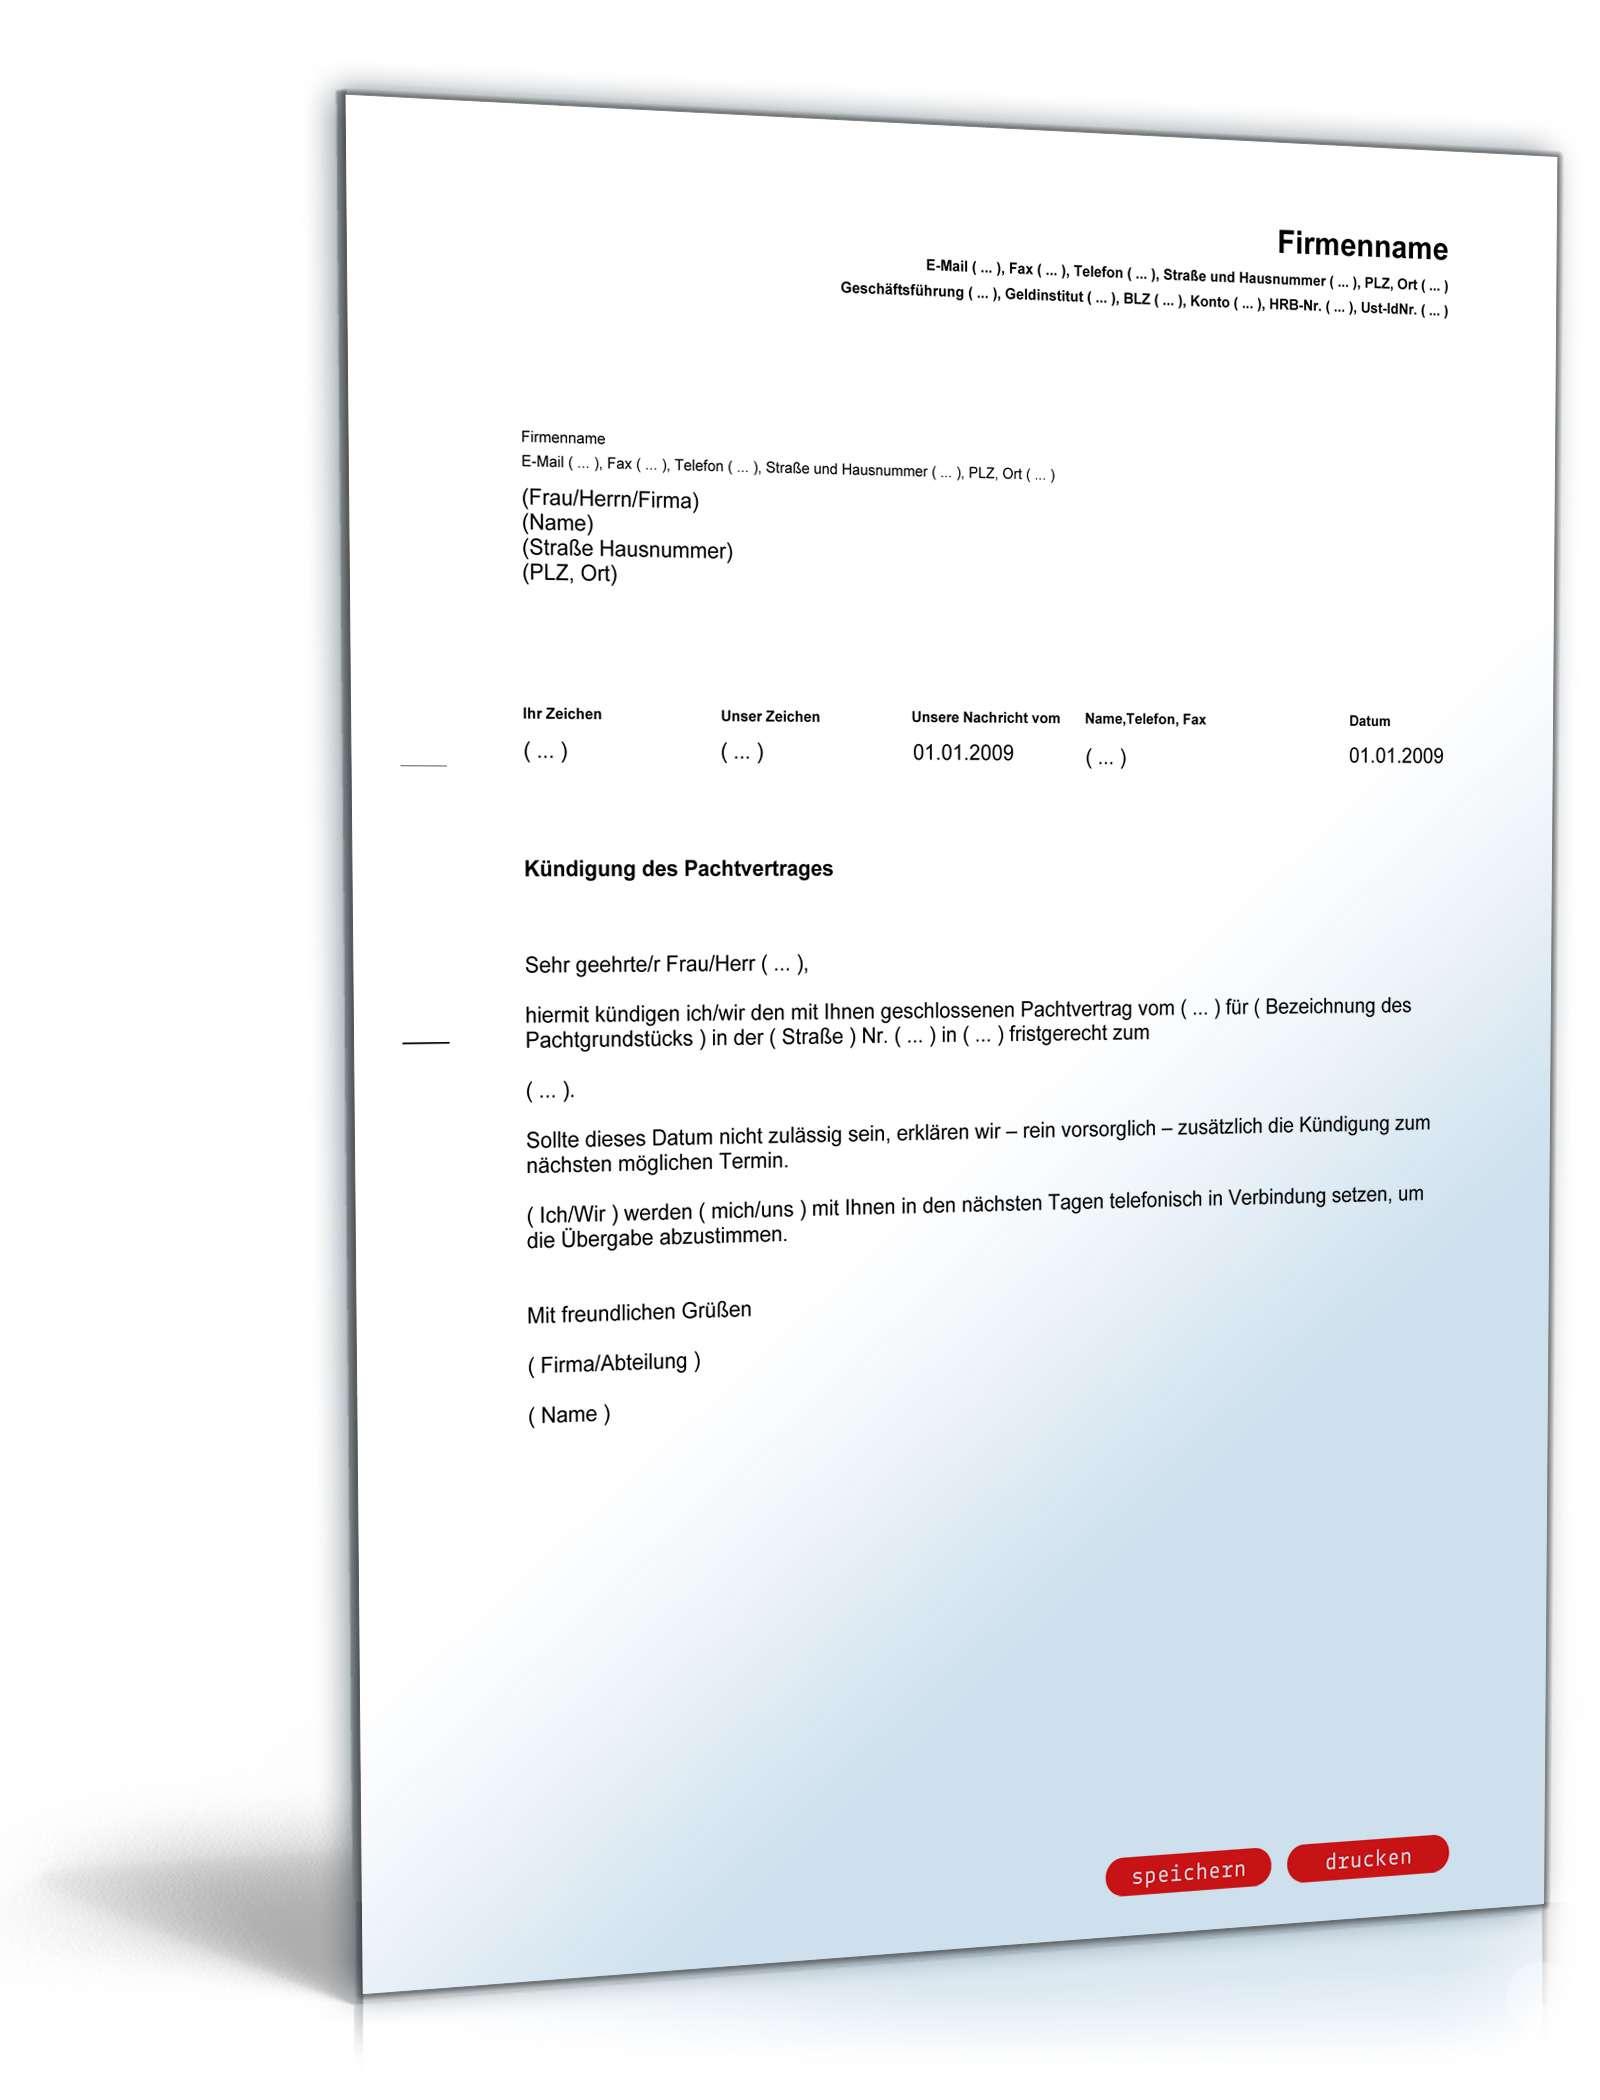 kndigung pachtvertrag - Muster Kundigungsschreiben